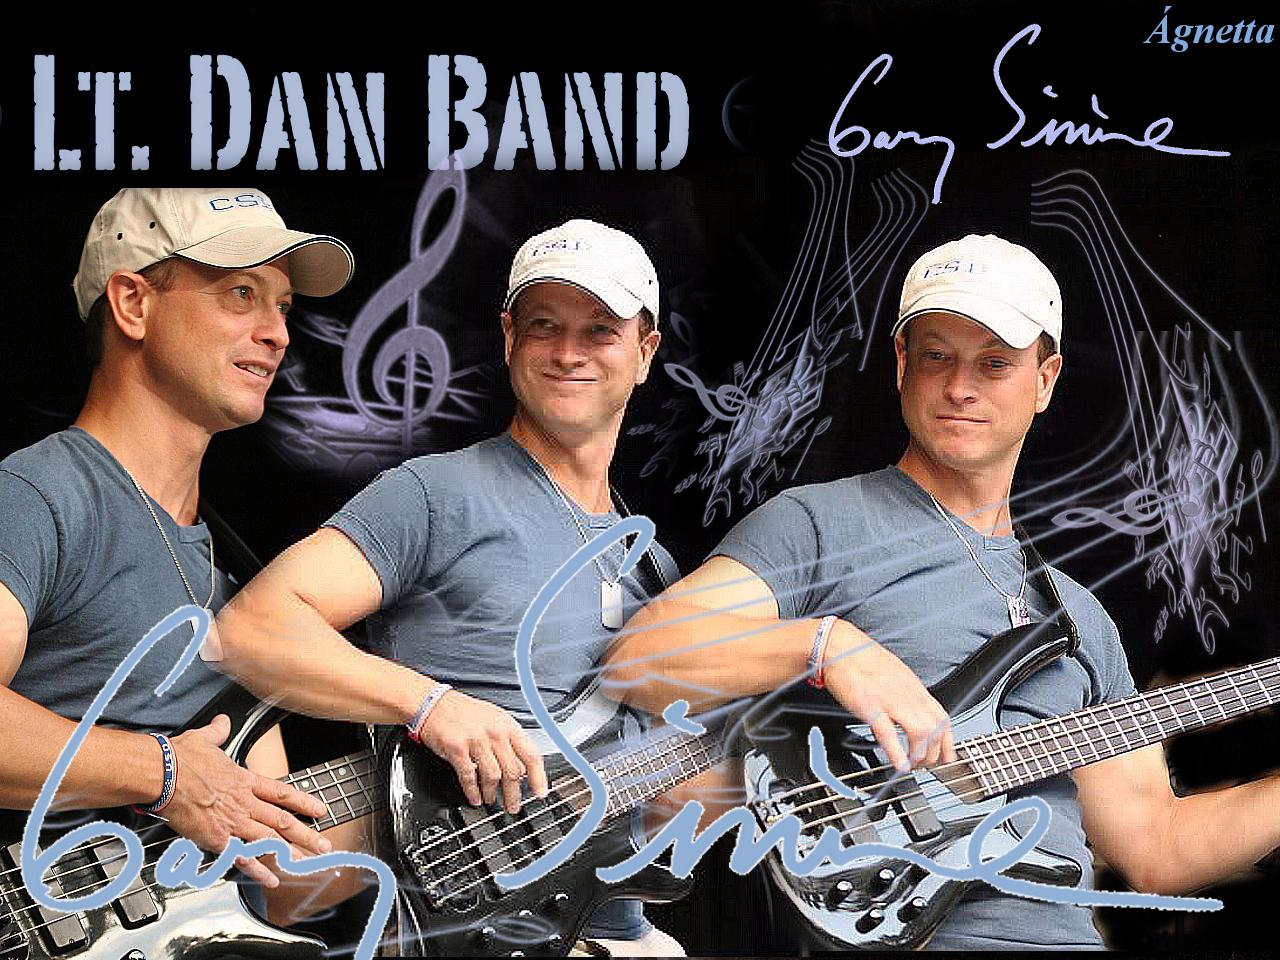 Lt Dan Band Gary Sinise